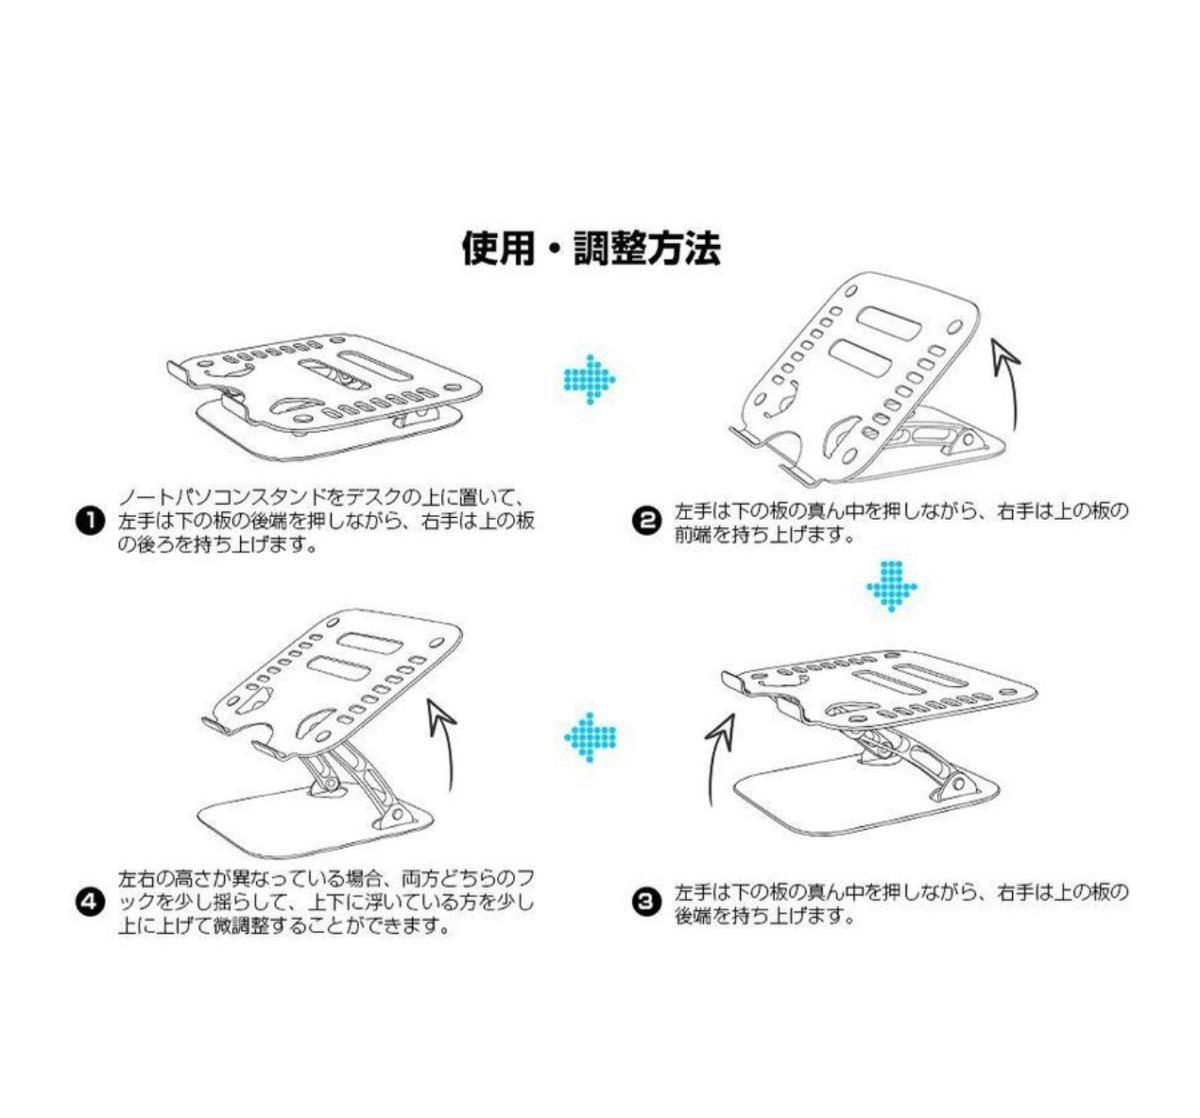 ノートPCスタンド ノートパソコンスタンド パソコンスタンド 折りたたみ式